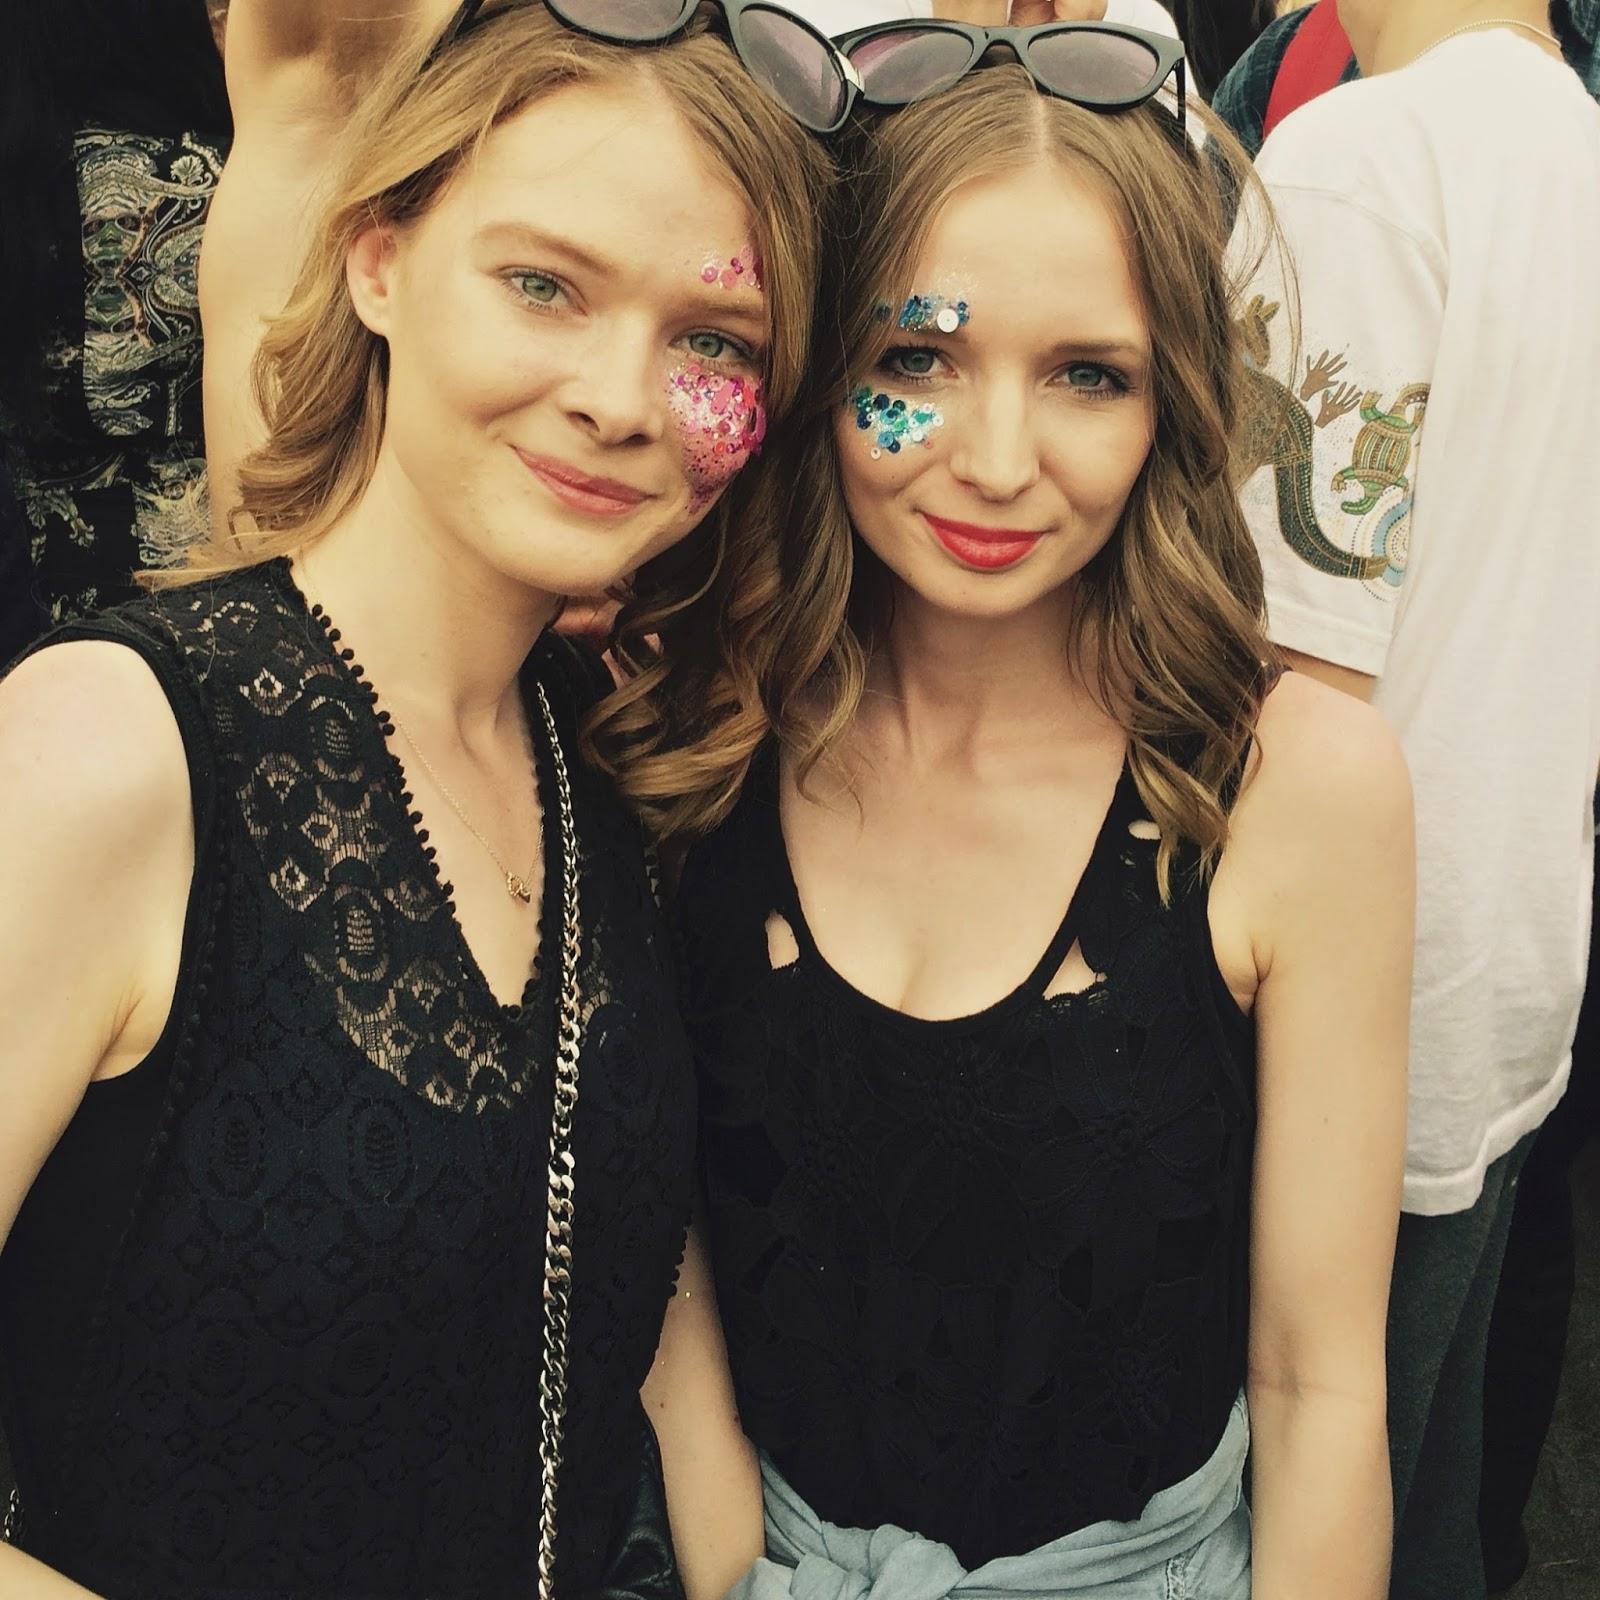 OOTD Festival Style | Lovebox Festival 2015